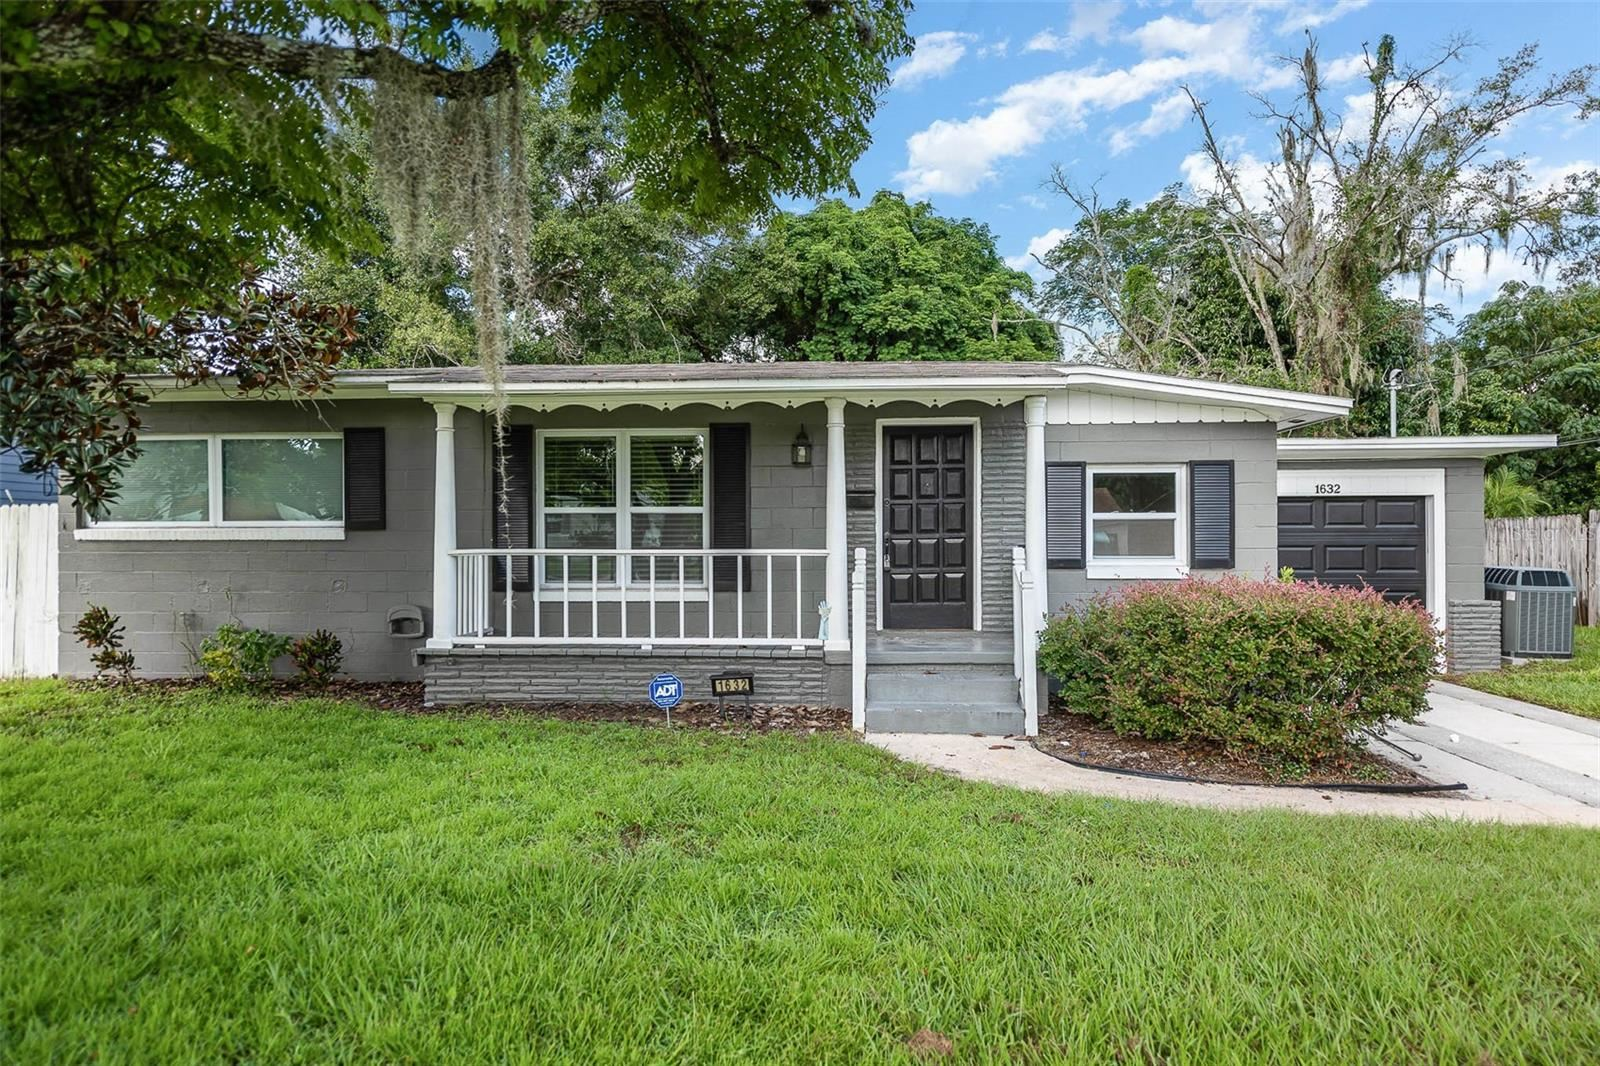 1632 N BUMBY AVENUE, Orlando, FL 32803 - #: O5974281